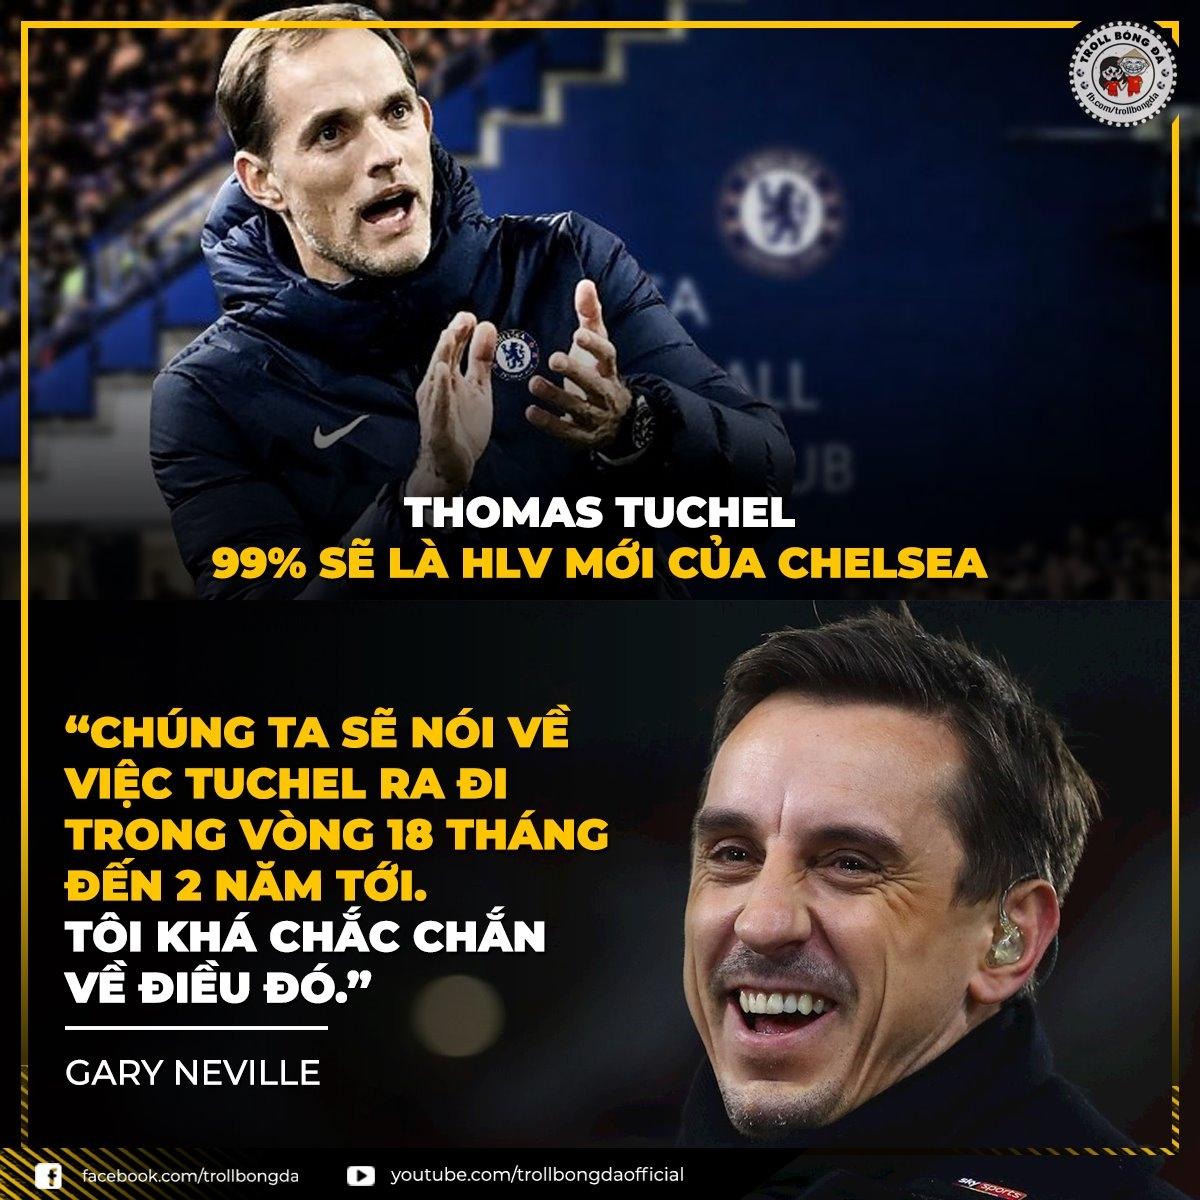 Biếm họa 24h, Huyền thoại MU dự đoán HLV tiếp theo của Chelsea cũng sẽ sớm bị sa thải (Ảnh: Troll bóng đá).